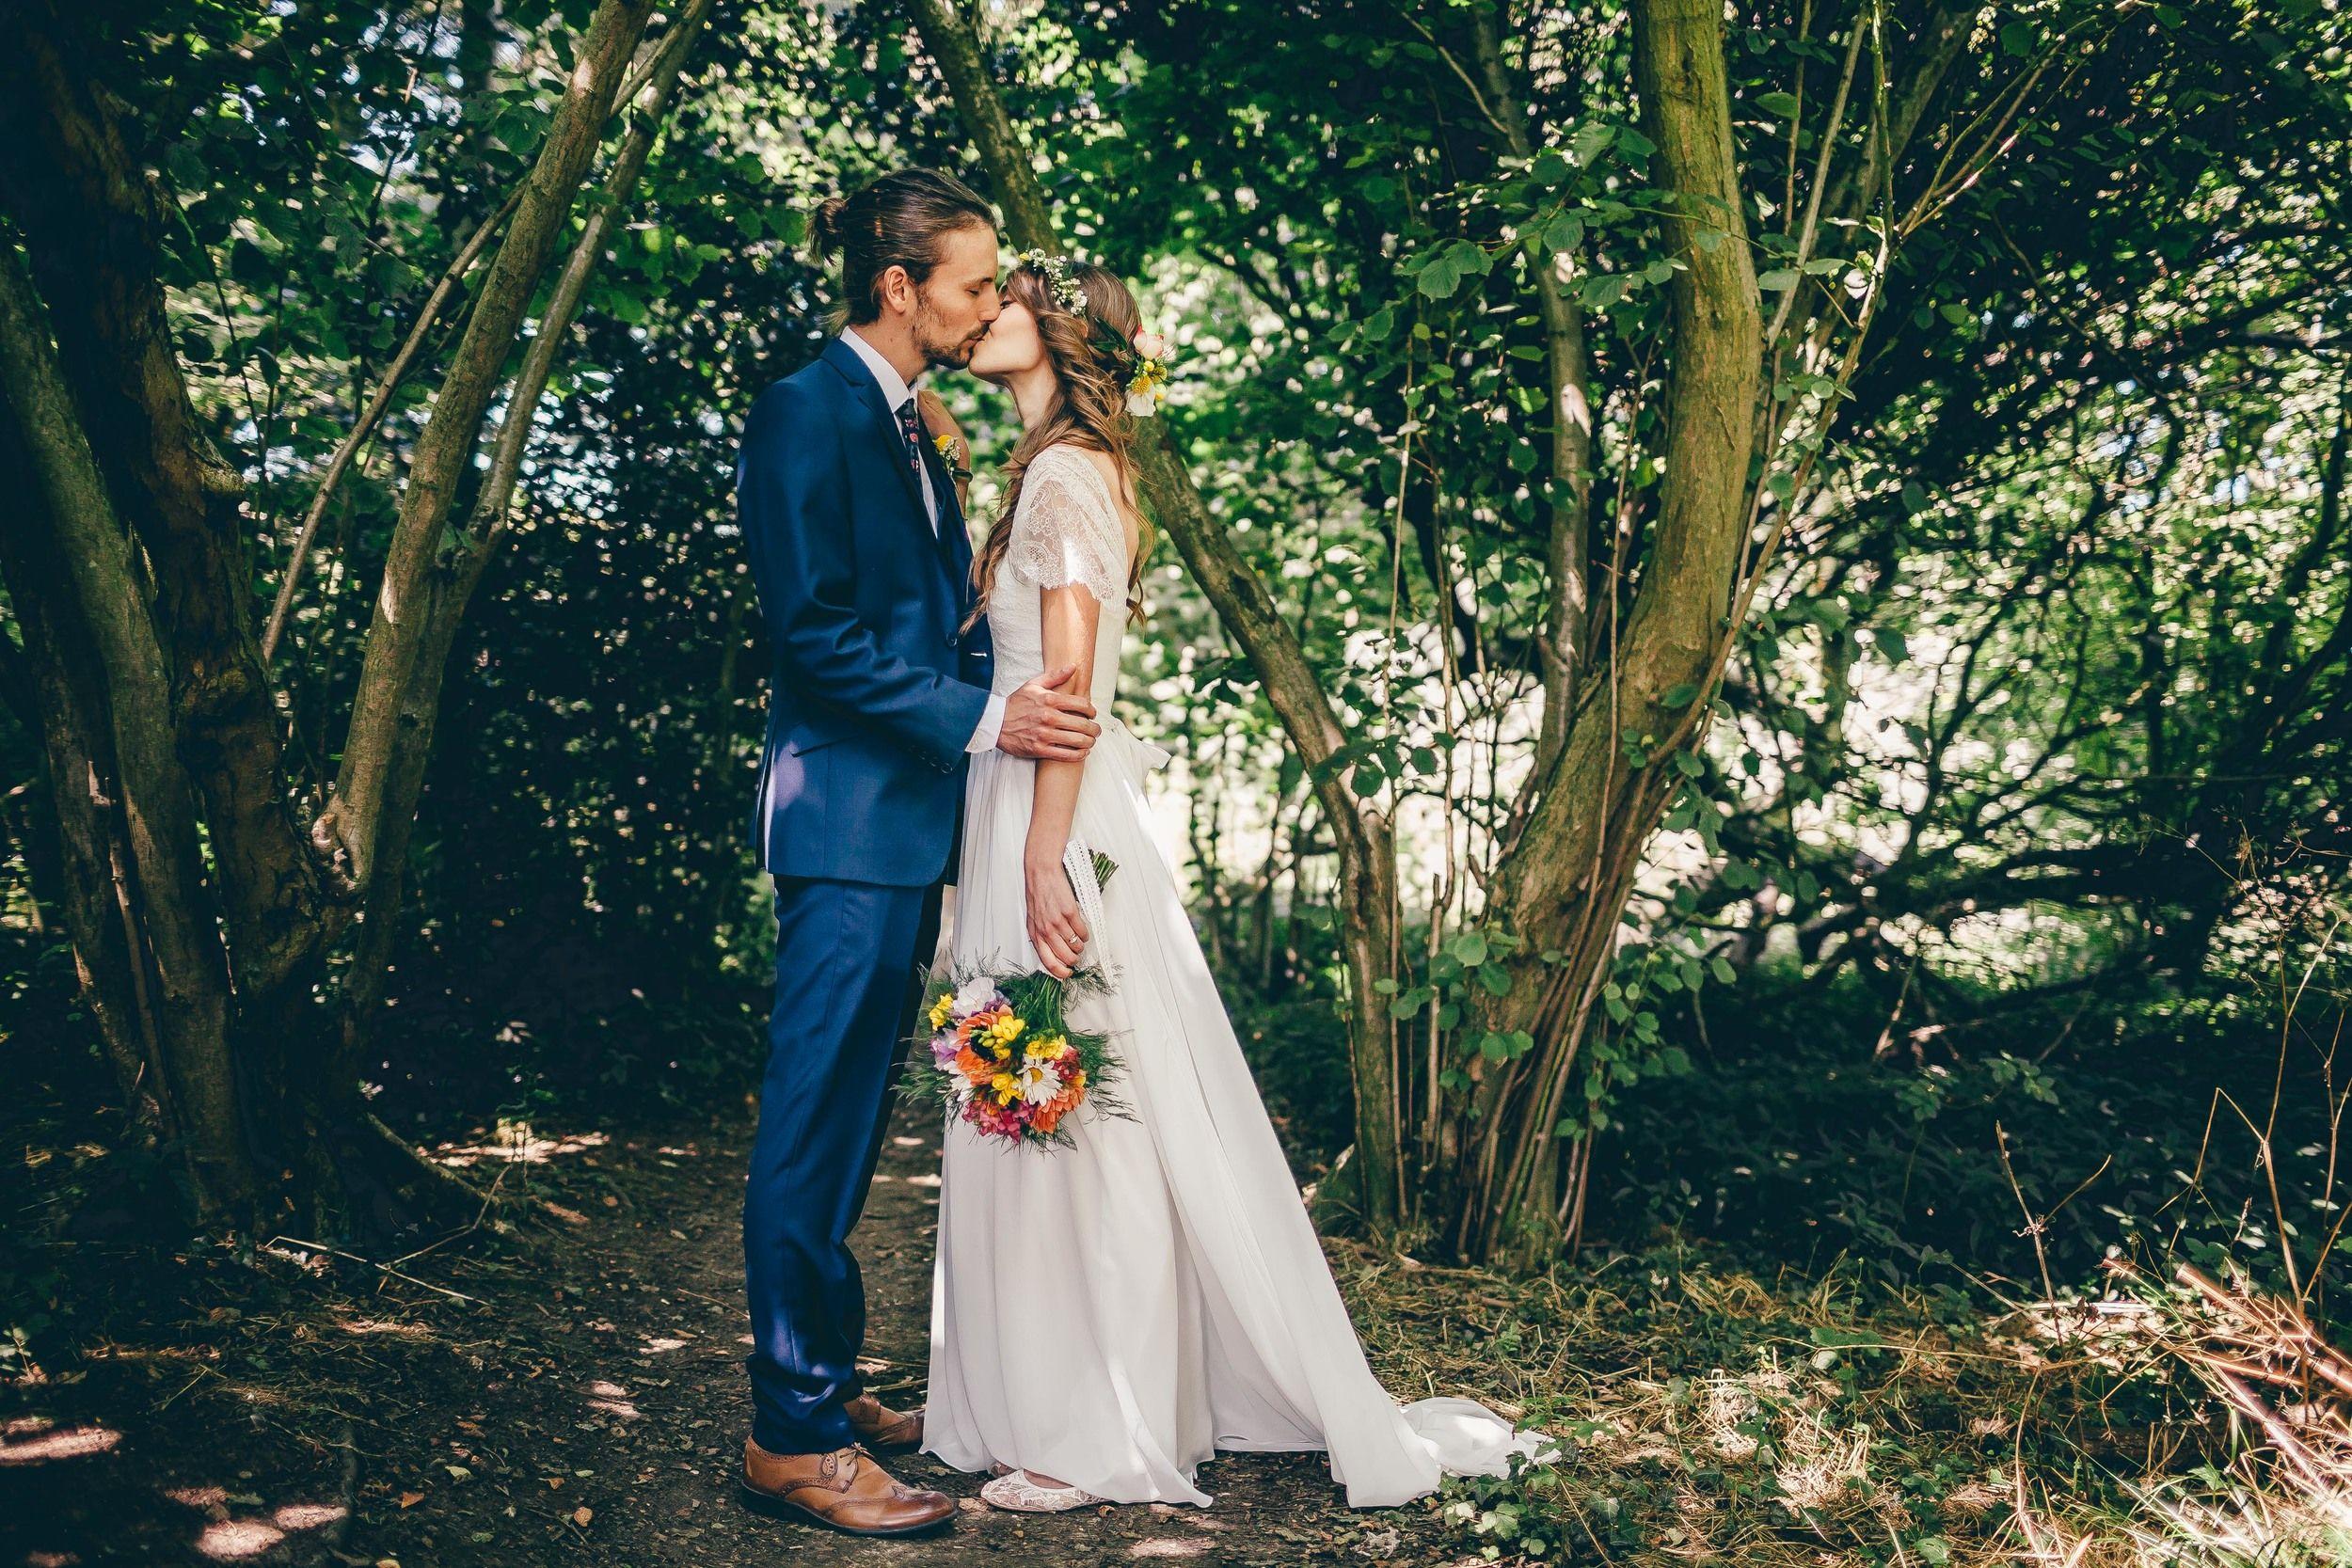 Wedding Weddingphoto Weddingphotography Vintagewedding Weddingideas